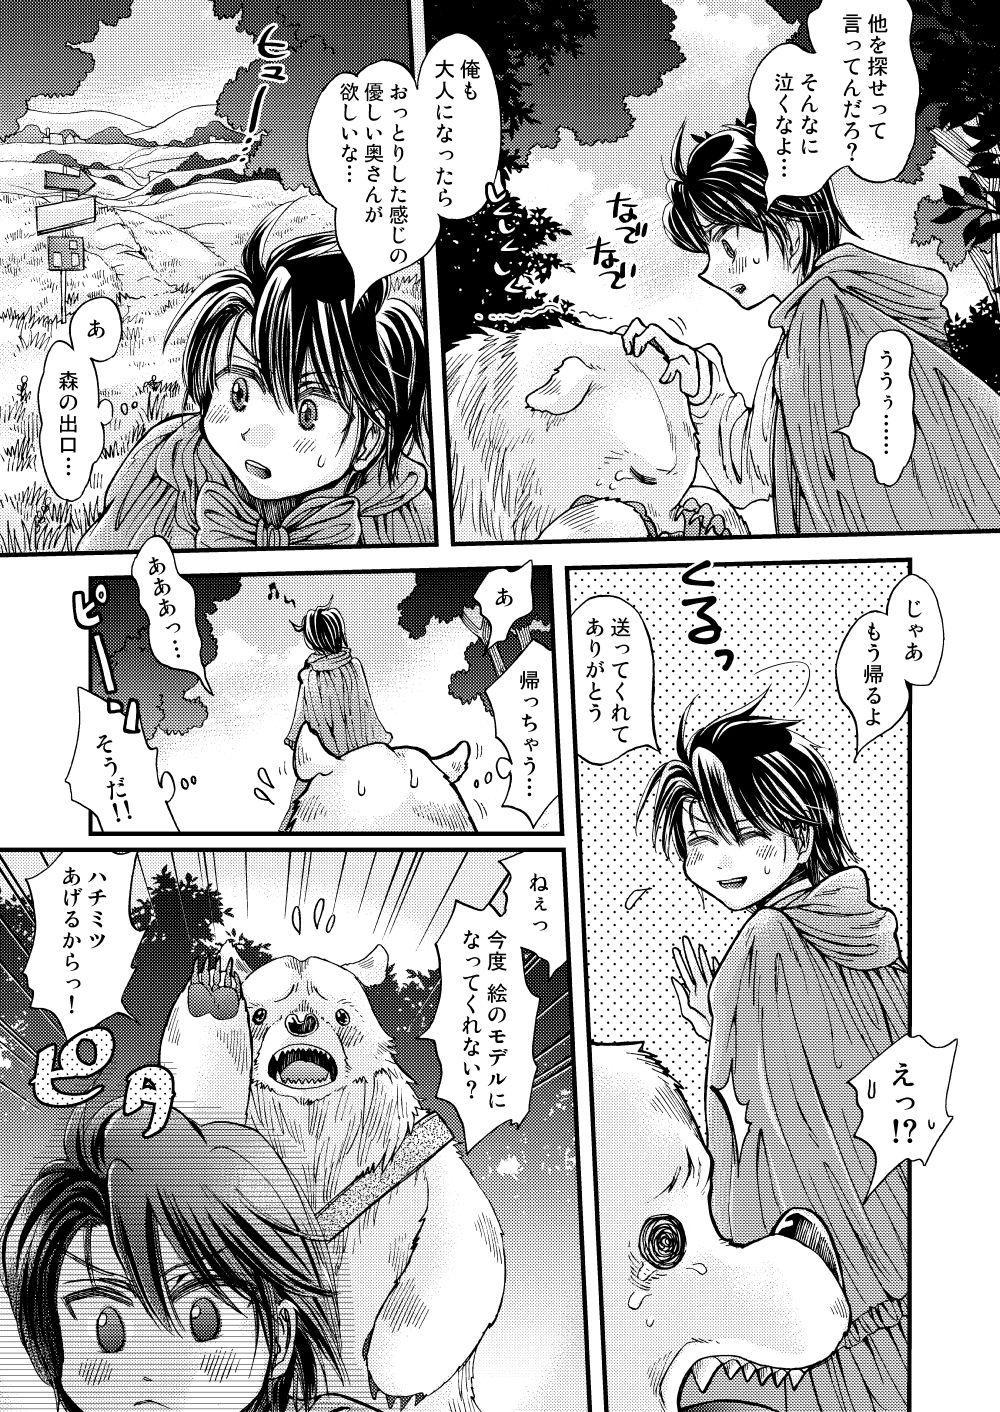 Mori no Kuma-san ni Aisare Sugite Mofu Mofu 14